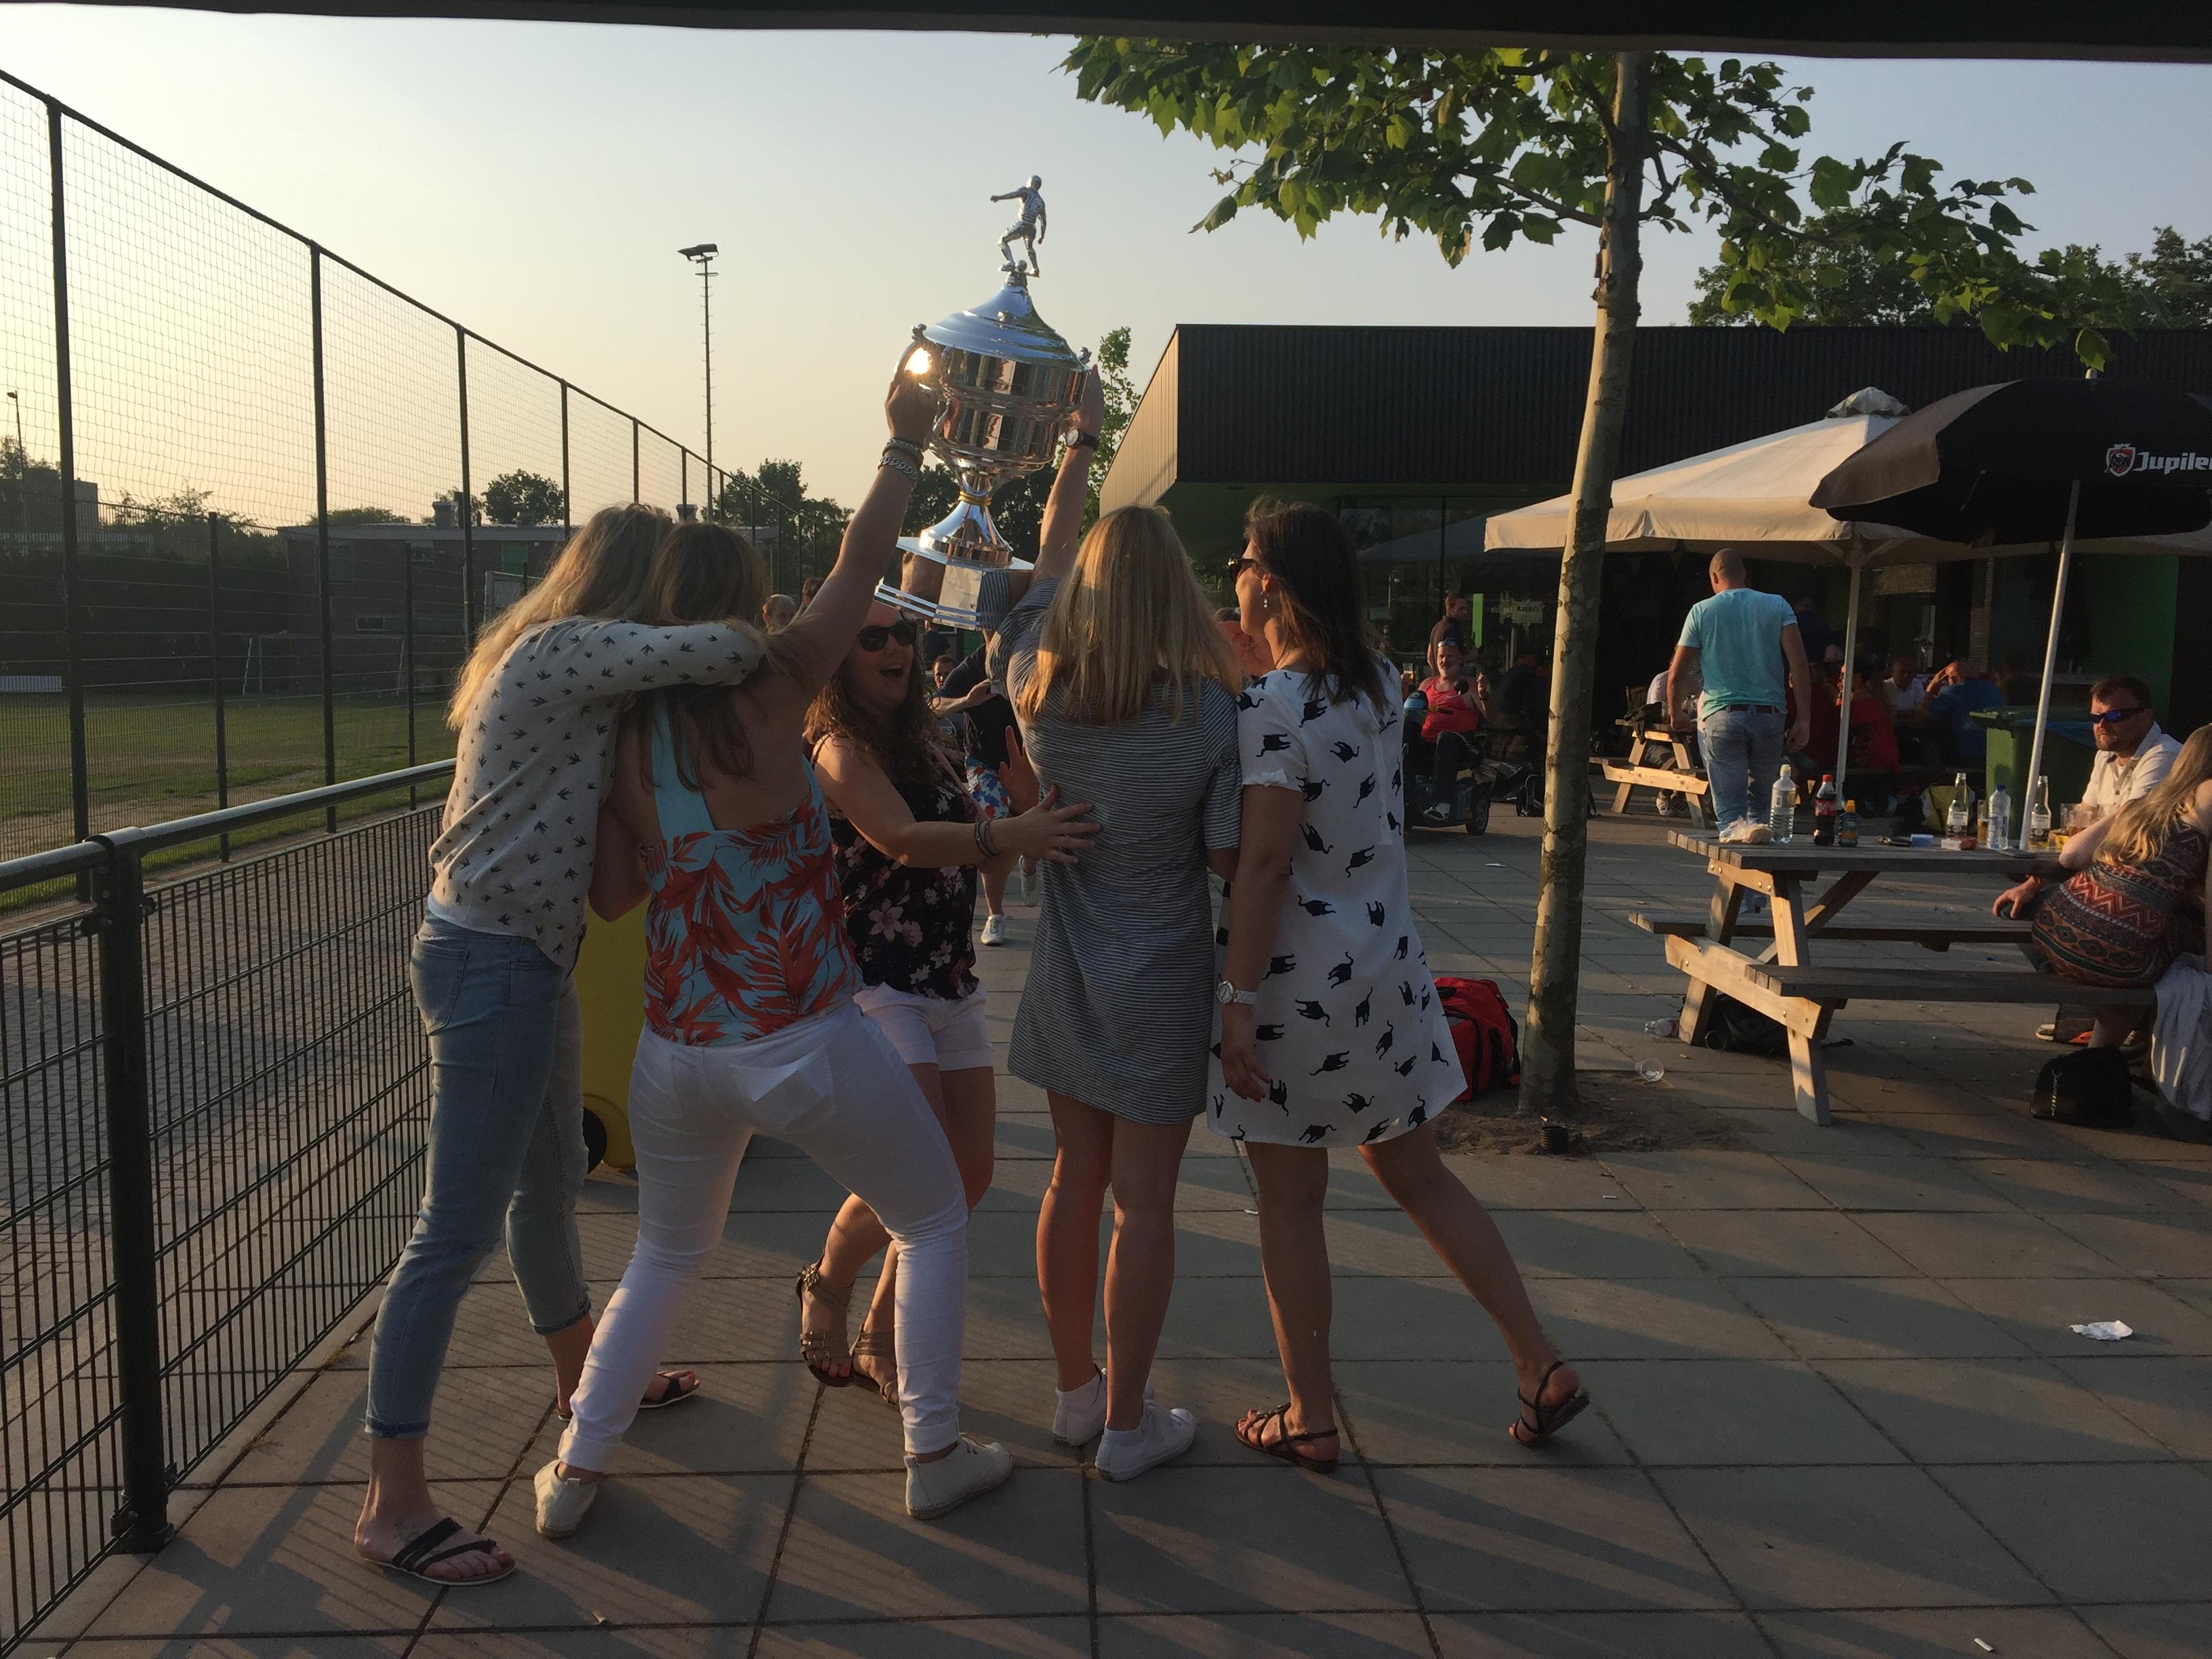 Kampioensfeest Alphen aan de Rijn